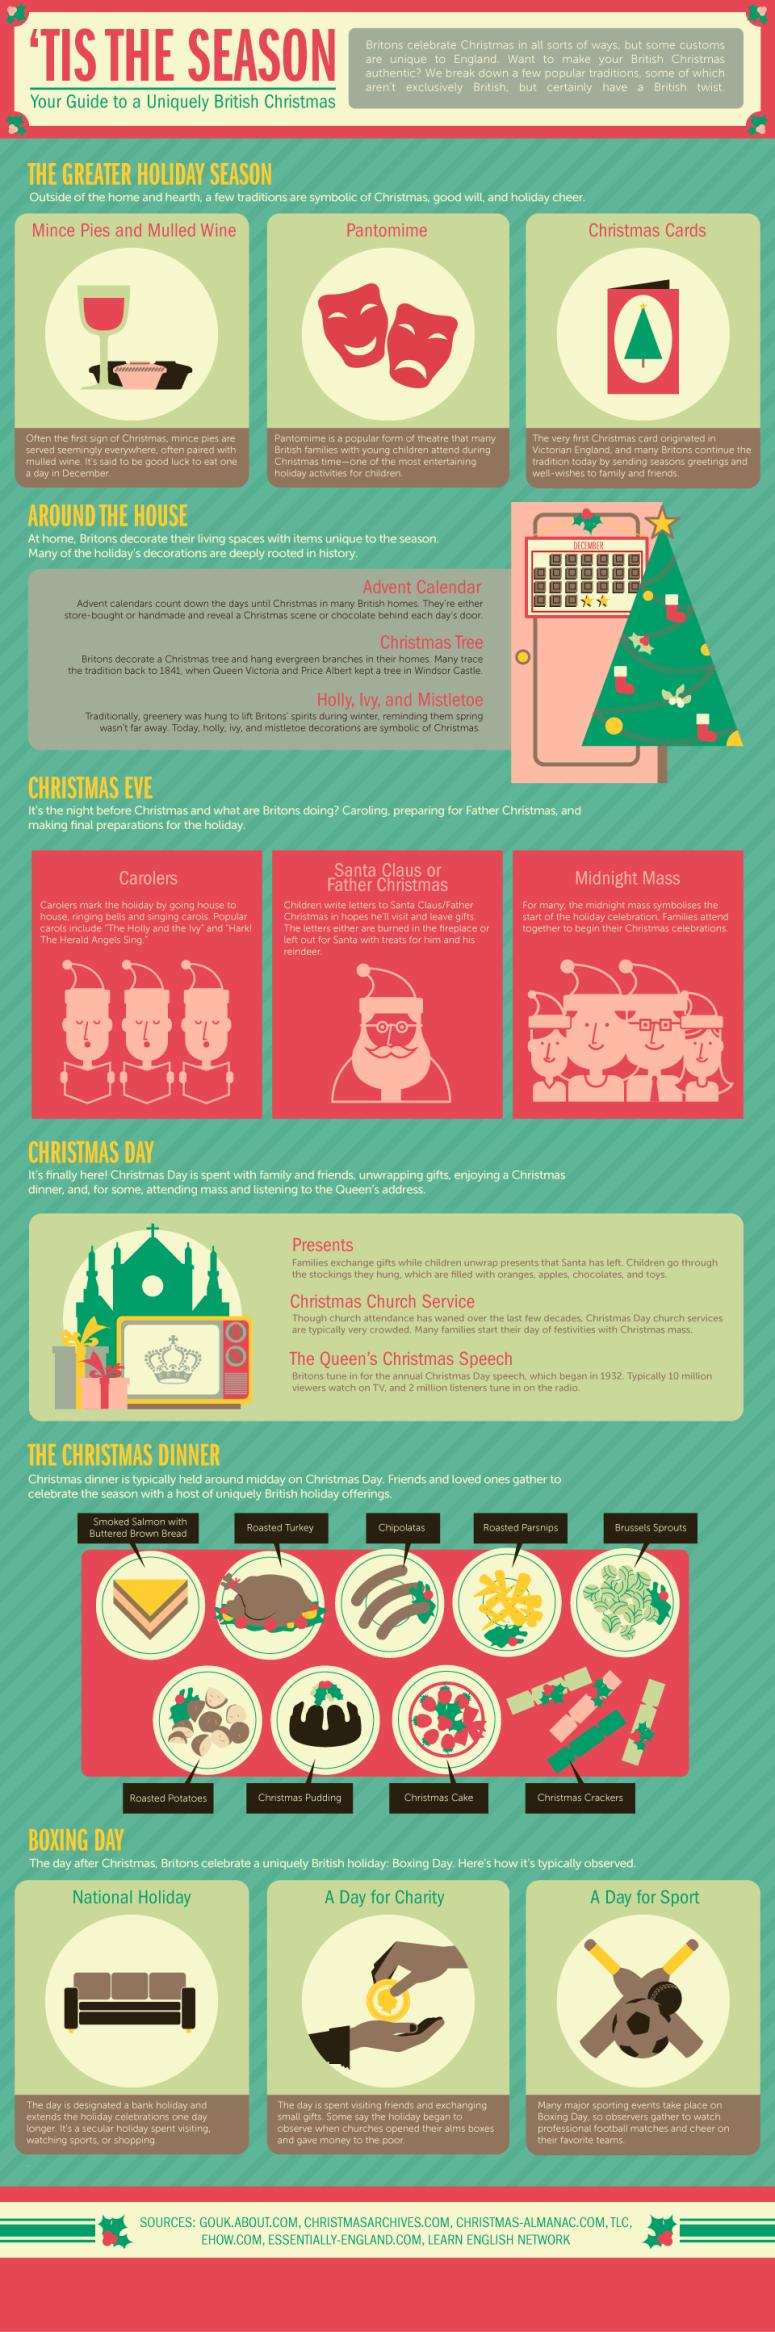 anglotopia-christmas-infographic1.png